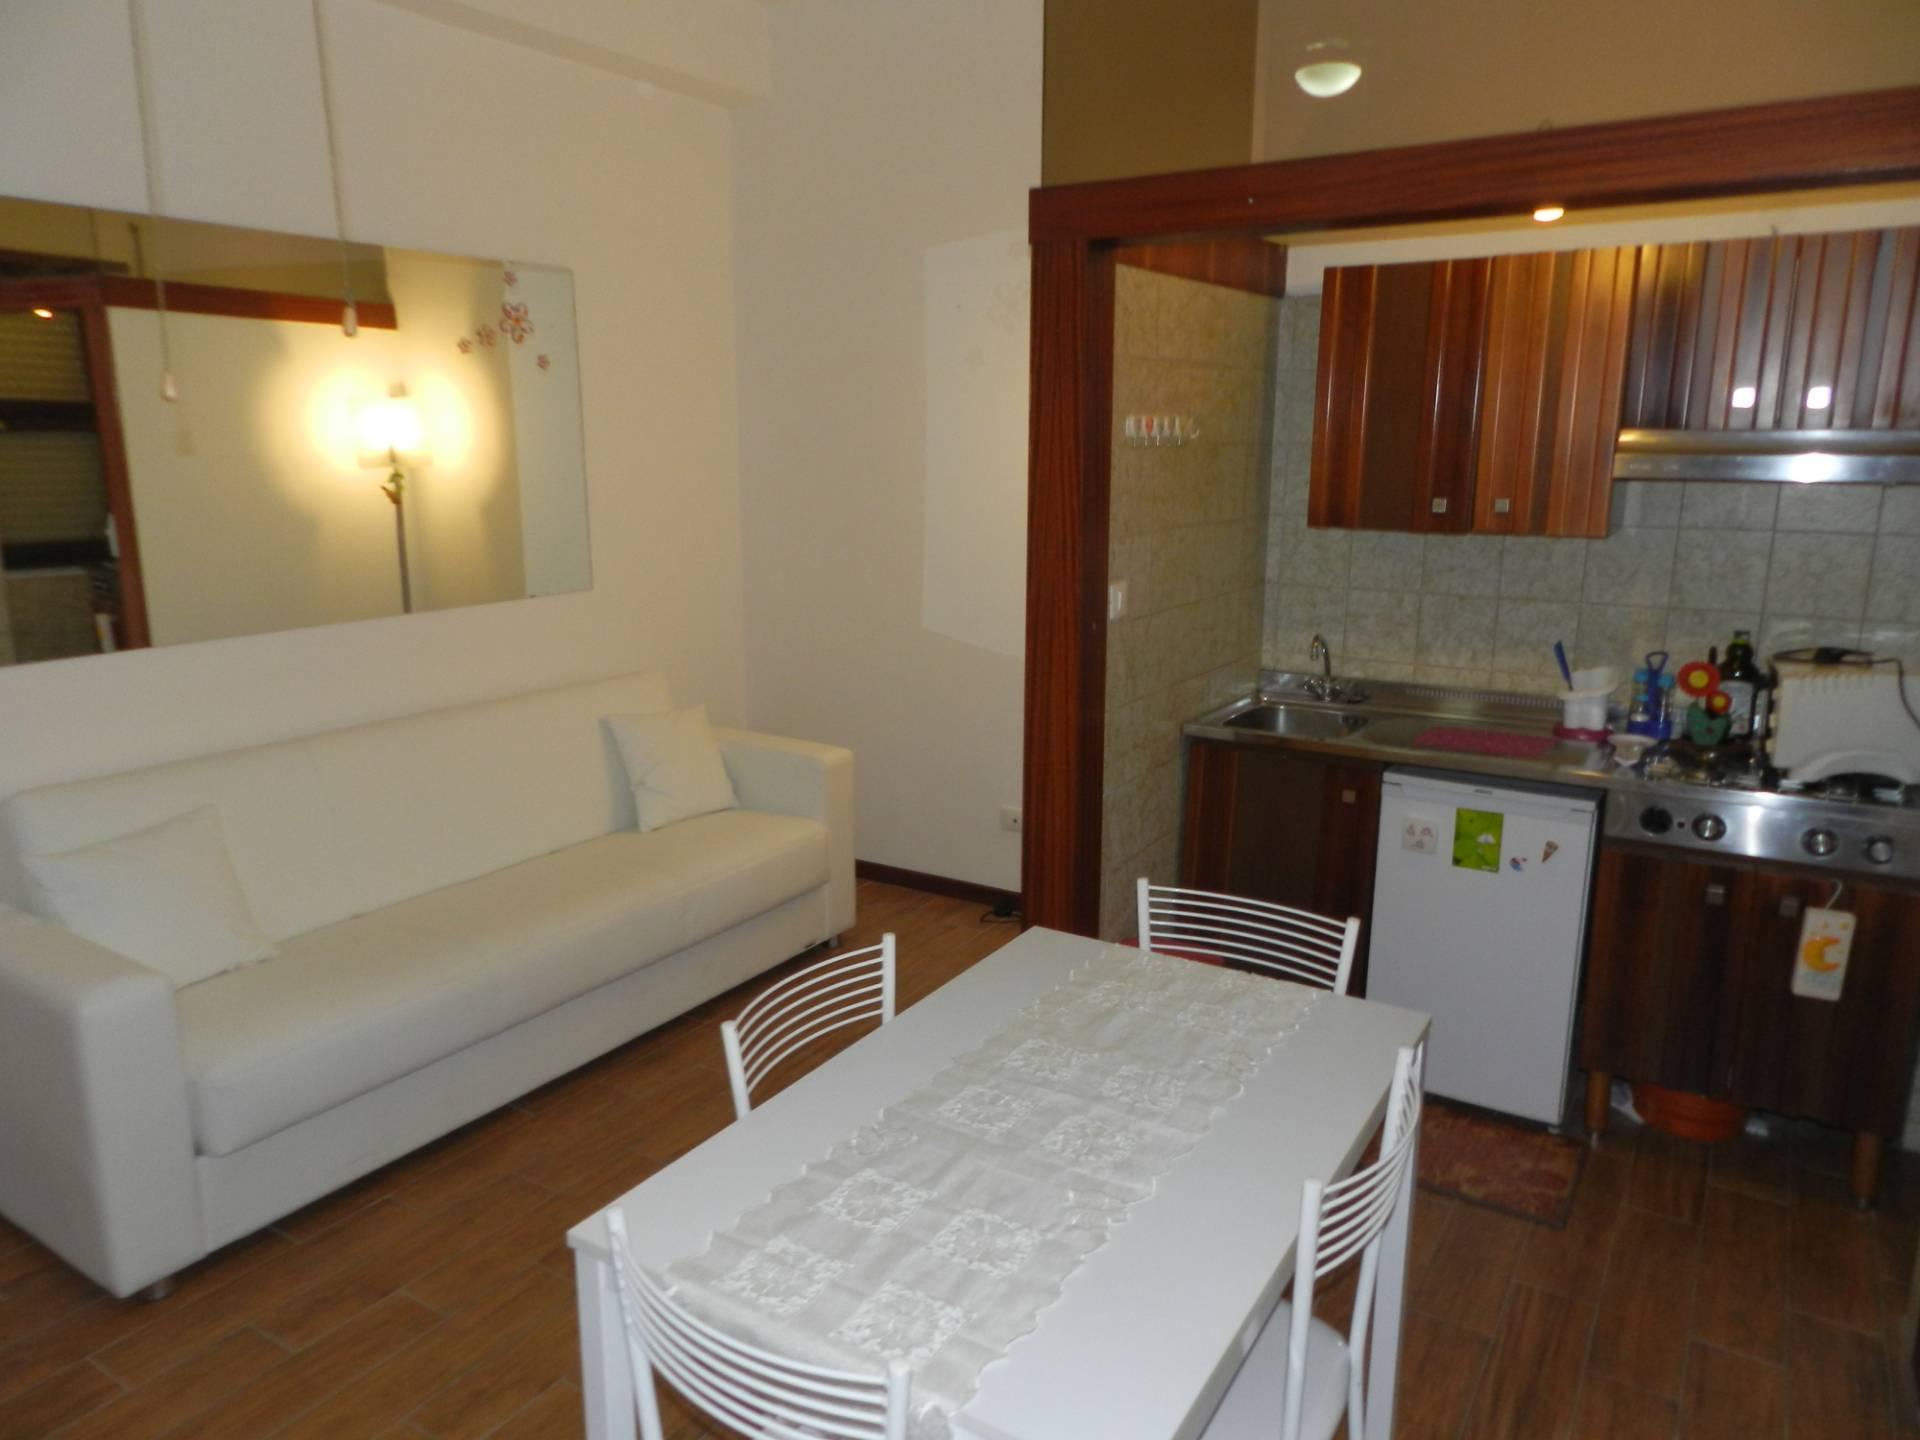 Appartamento in affitto a Santa Marinella, 2 locali, zona Località: Centro, prezzo € 450   CambioCasa.it